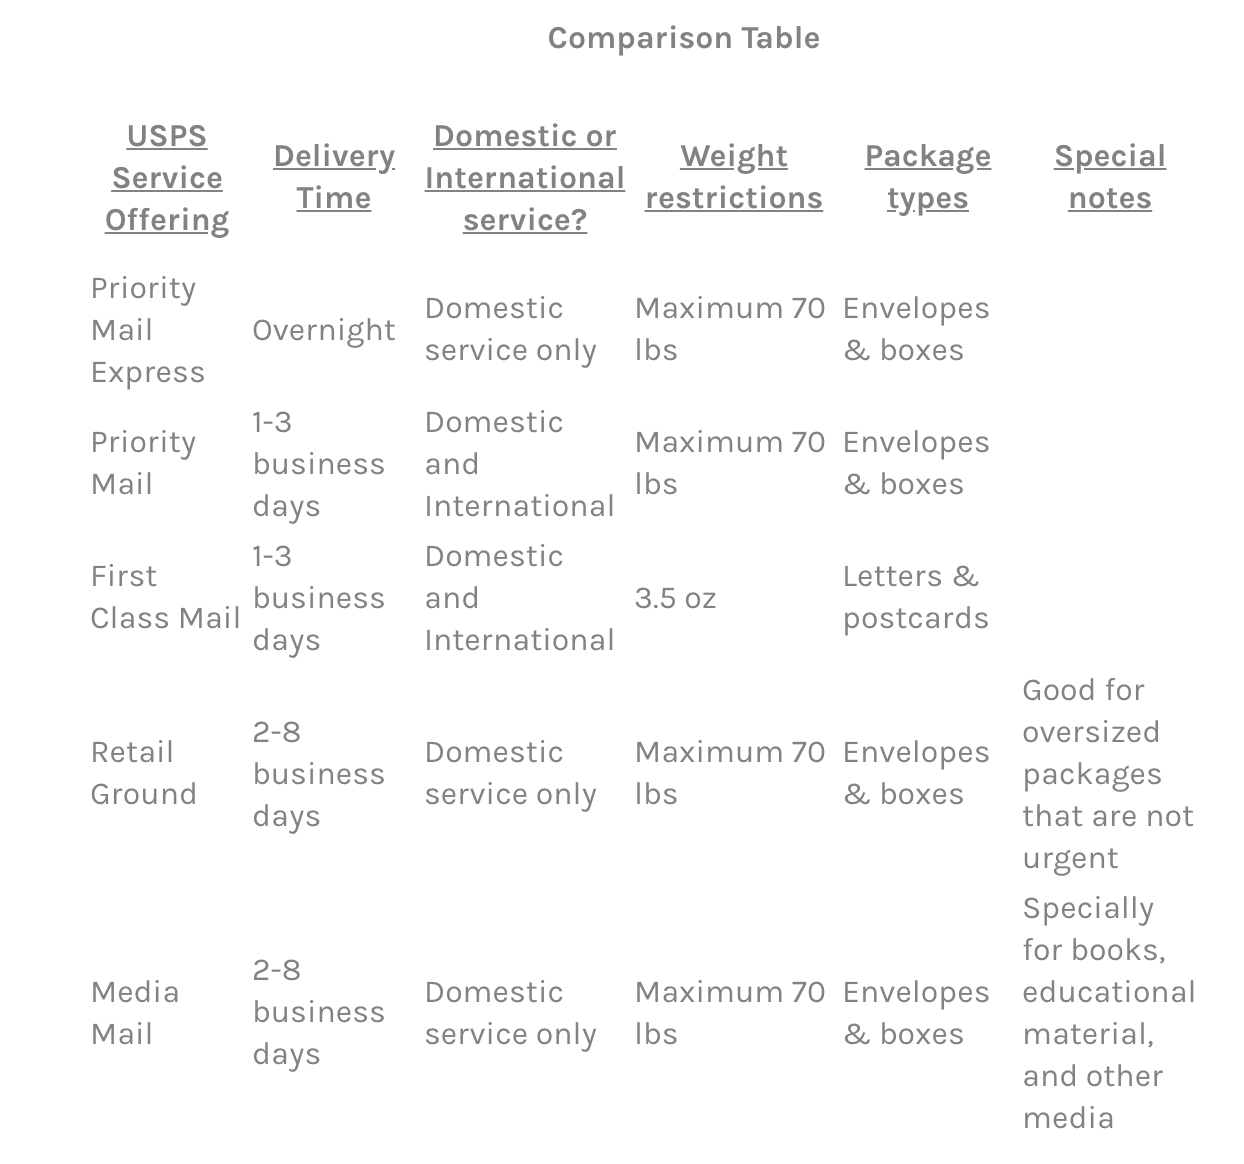 USPS Service Offerings